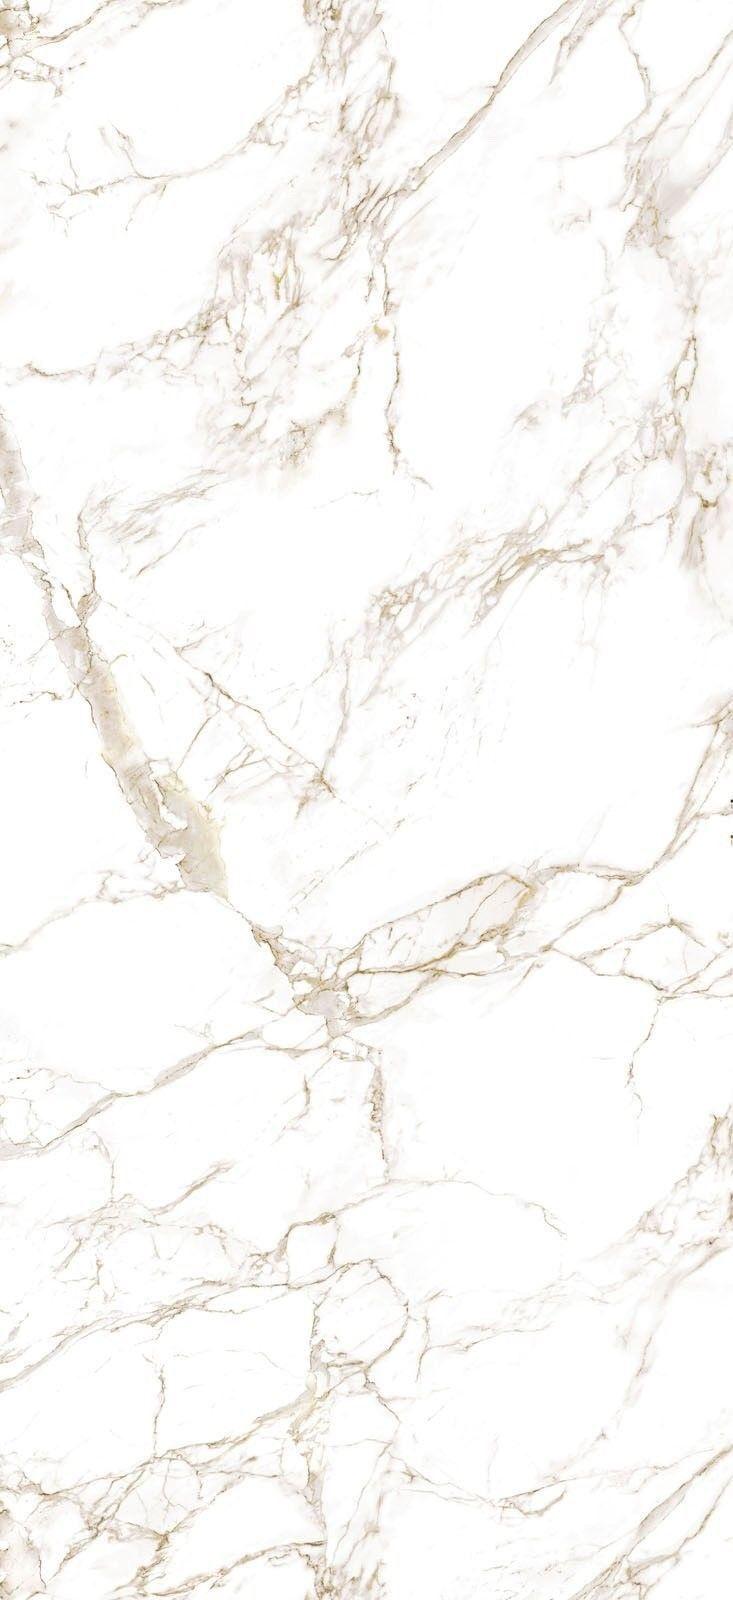 • 2020년 다양한 텍스쳐와 디자인으로 Marble 아름답고 고급스럽게 대리석 인테리어! : 네이버 블로그